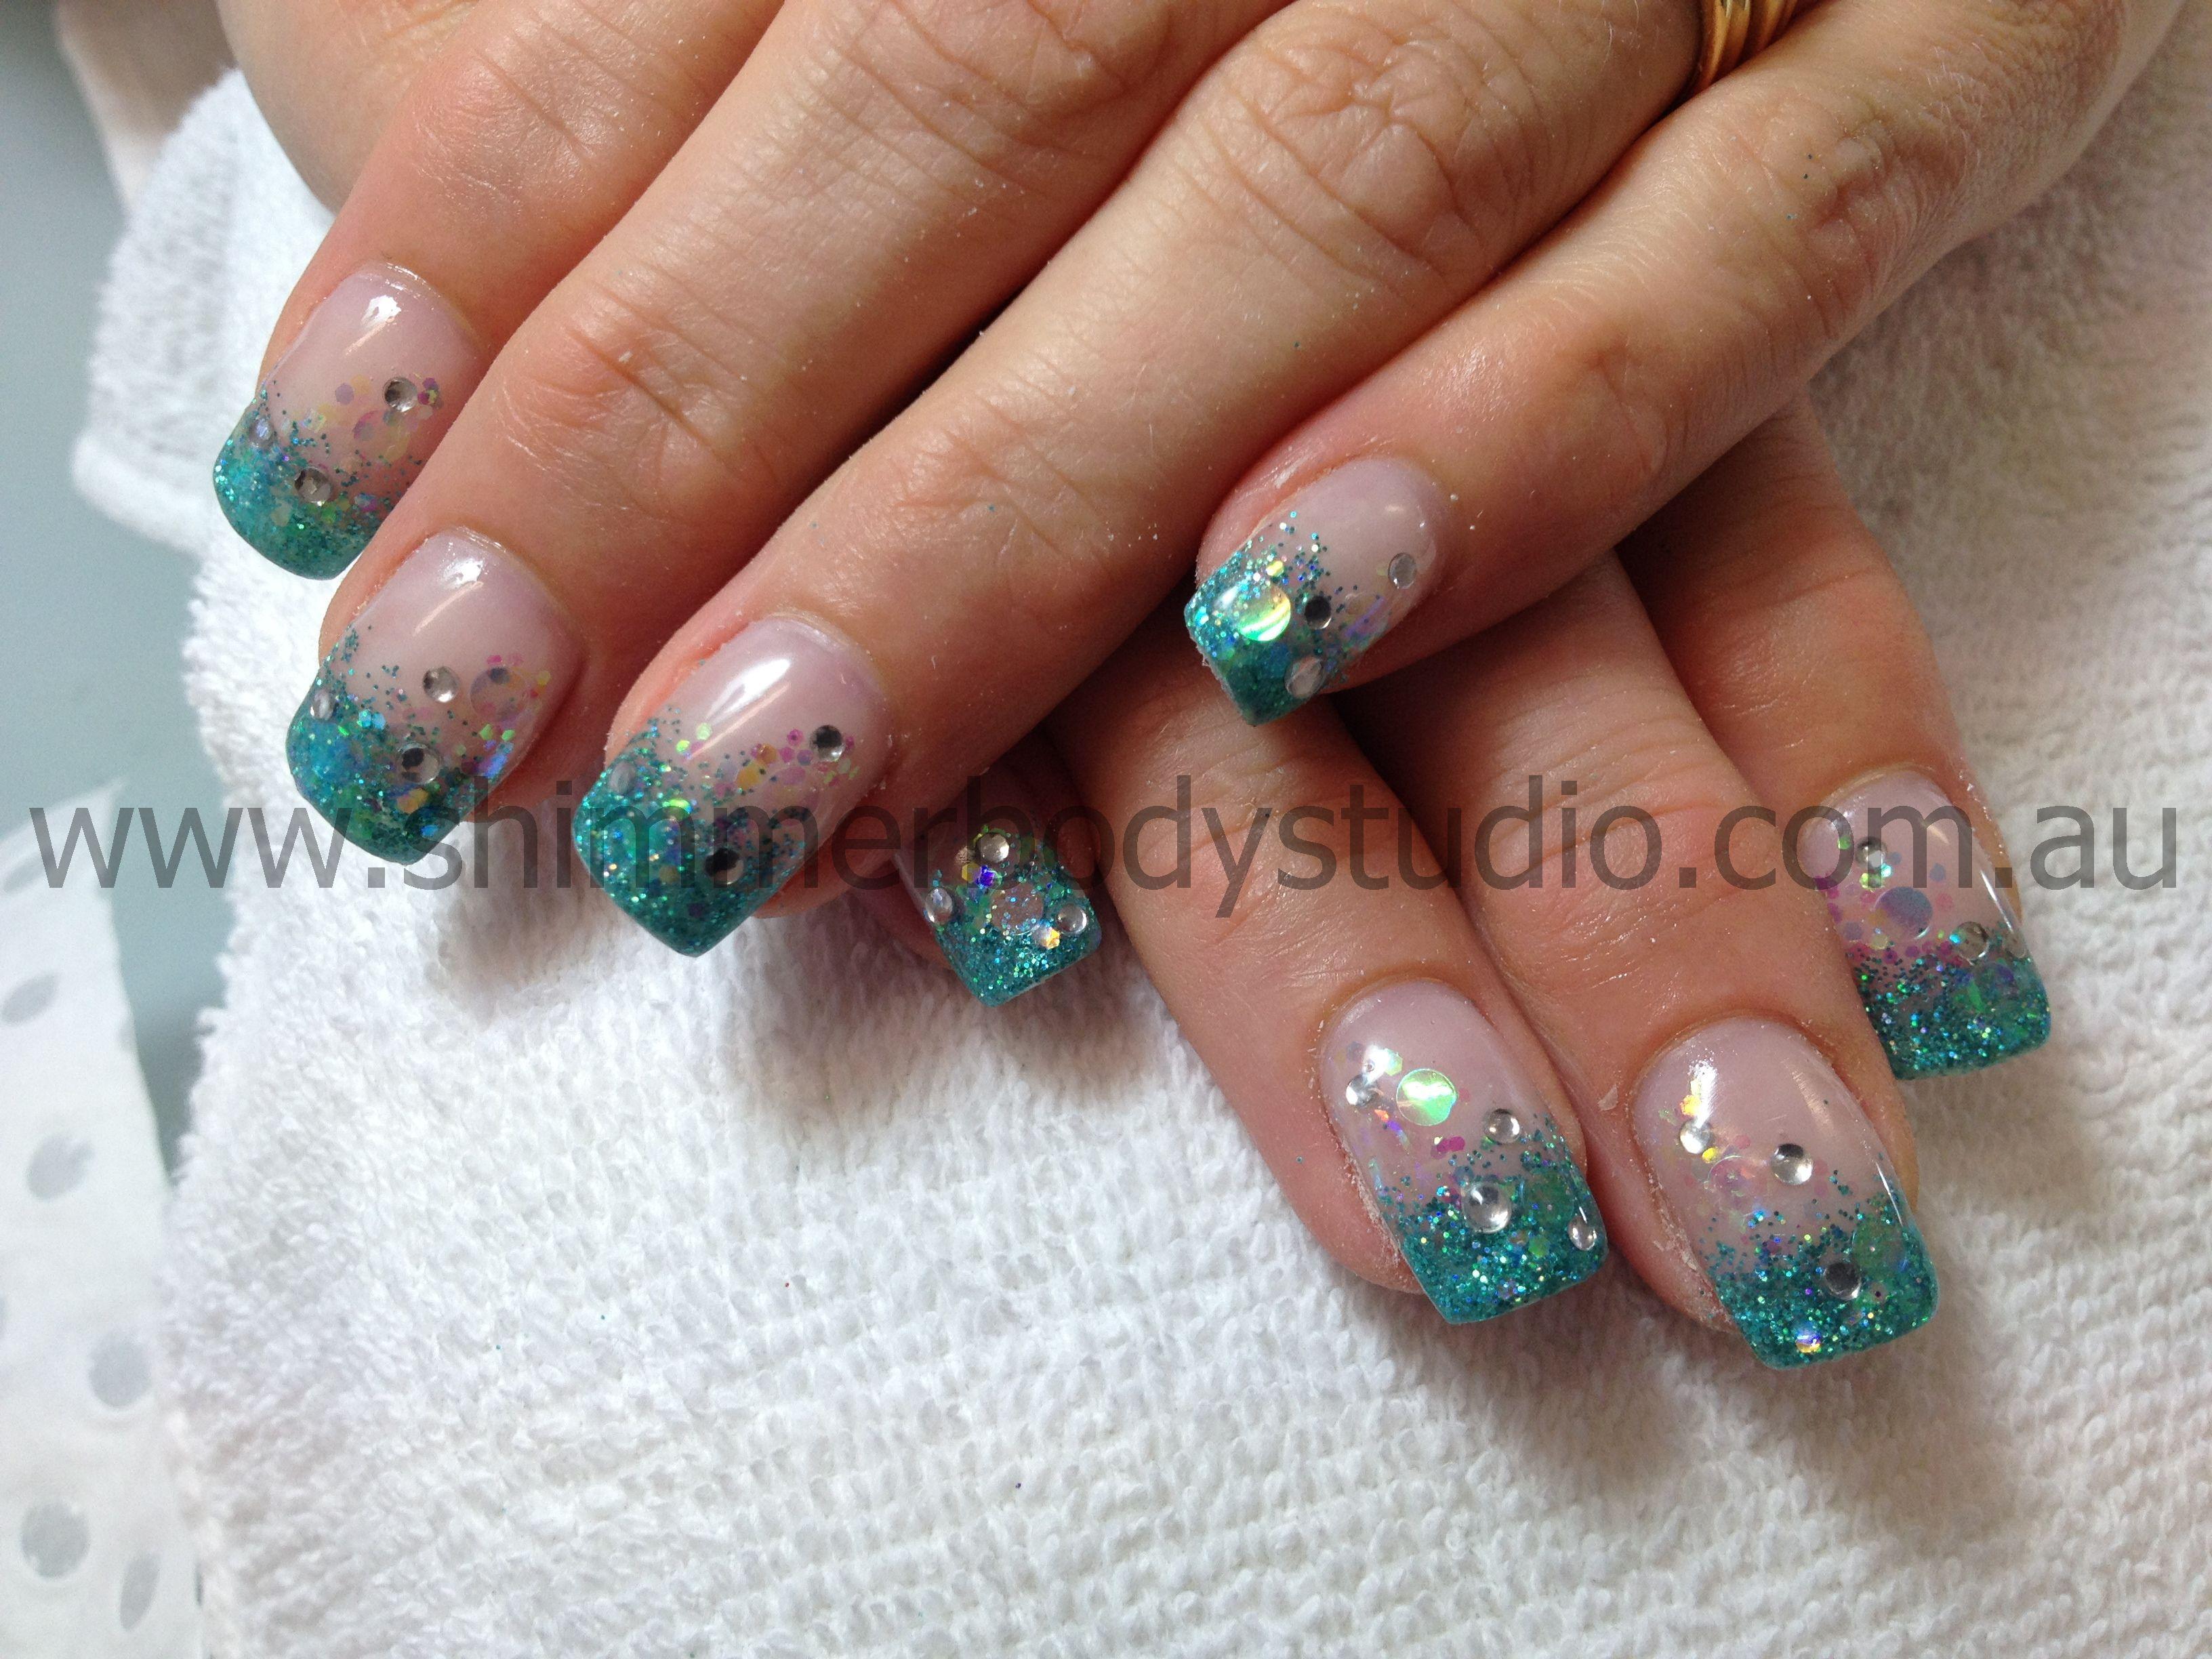 Gel nails colour nails glitter nails glitter french crystals gel nails colour nails glitter nails glitter french crystals nail art prinsesfo Gallery